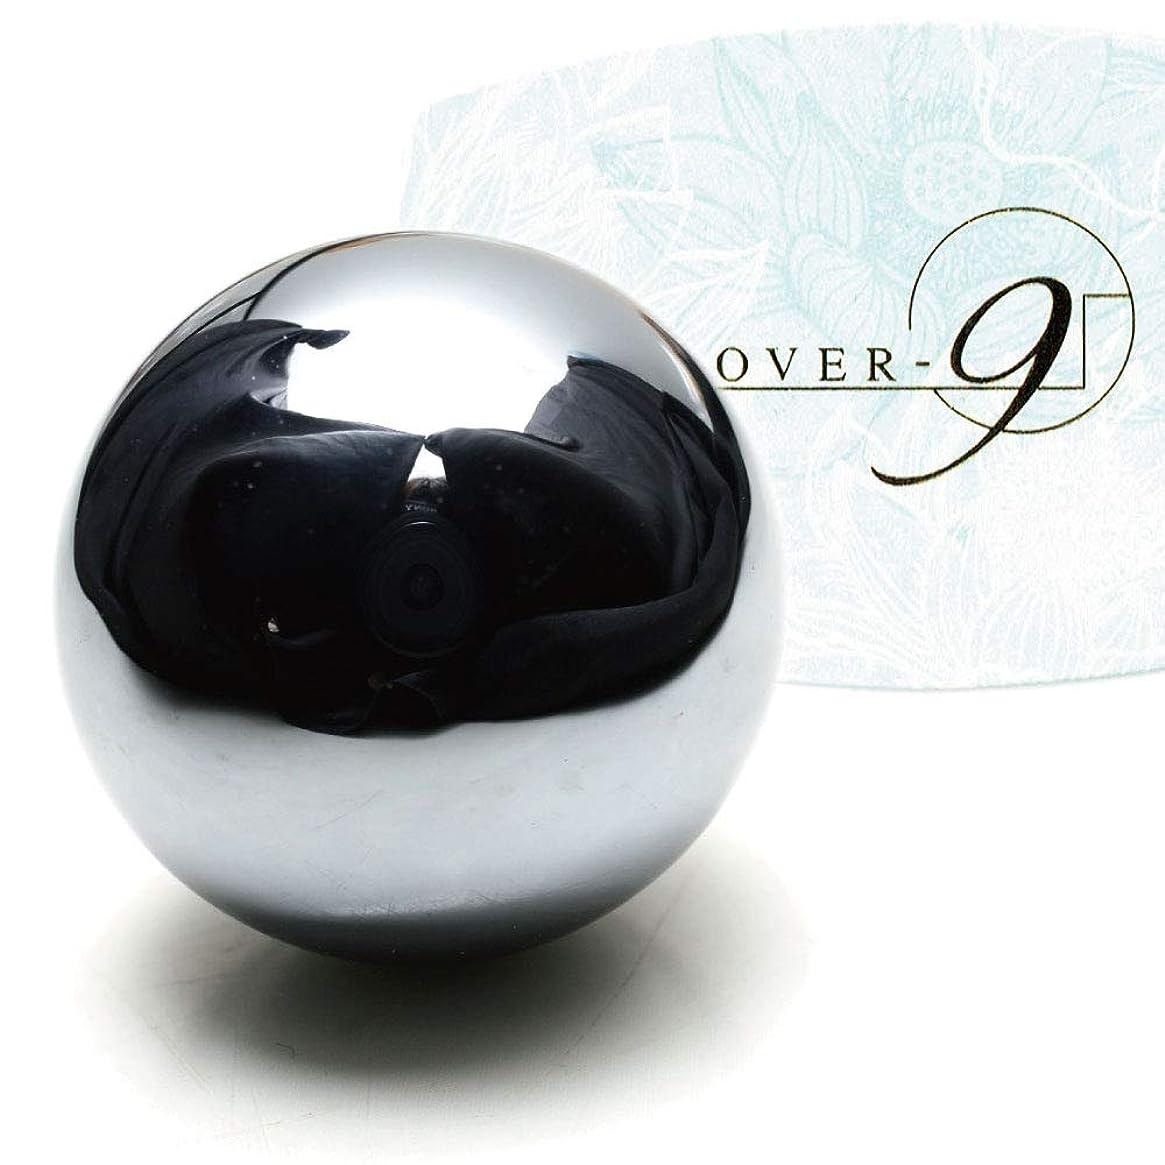 慈悲ブリードアルネテラヘルツ ボール 30mm 丸玉 マッサージボール 公的機関にて検査済み!パワーストーン 天然石 健康 美容 美顔 かっさ グッズ